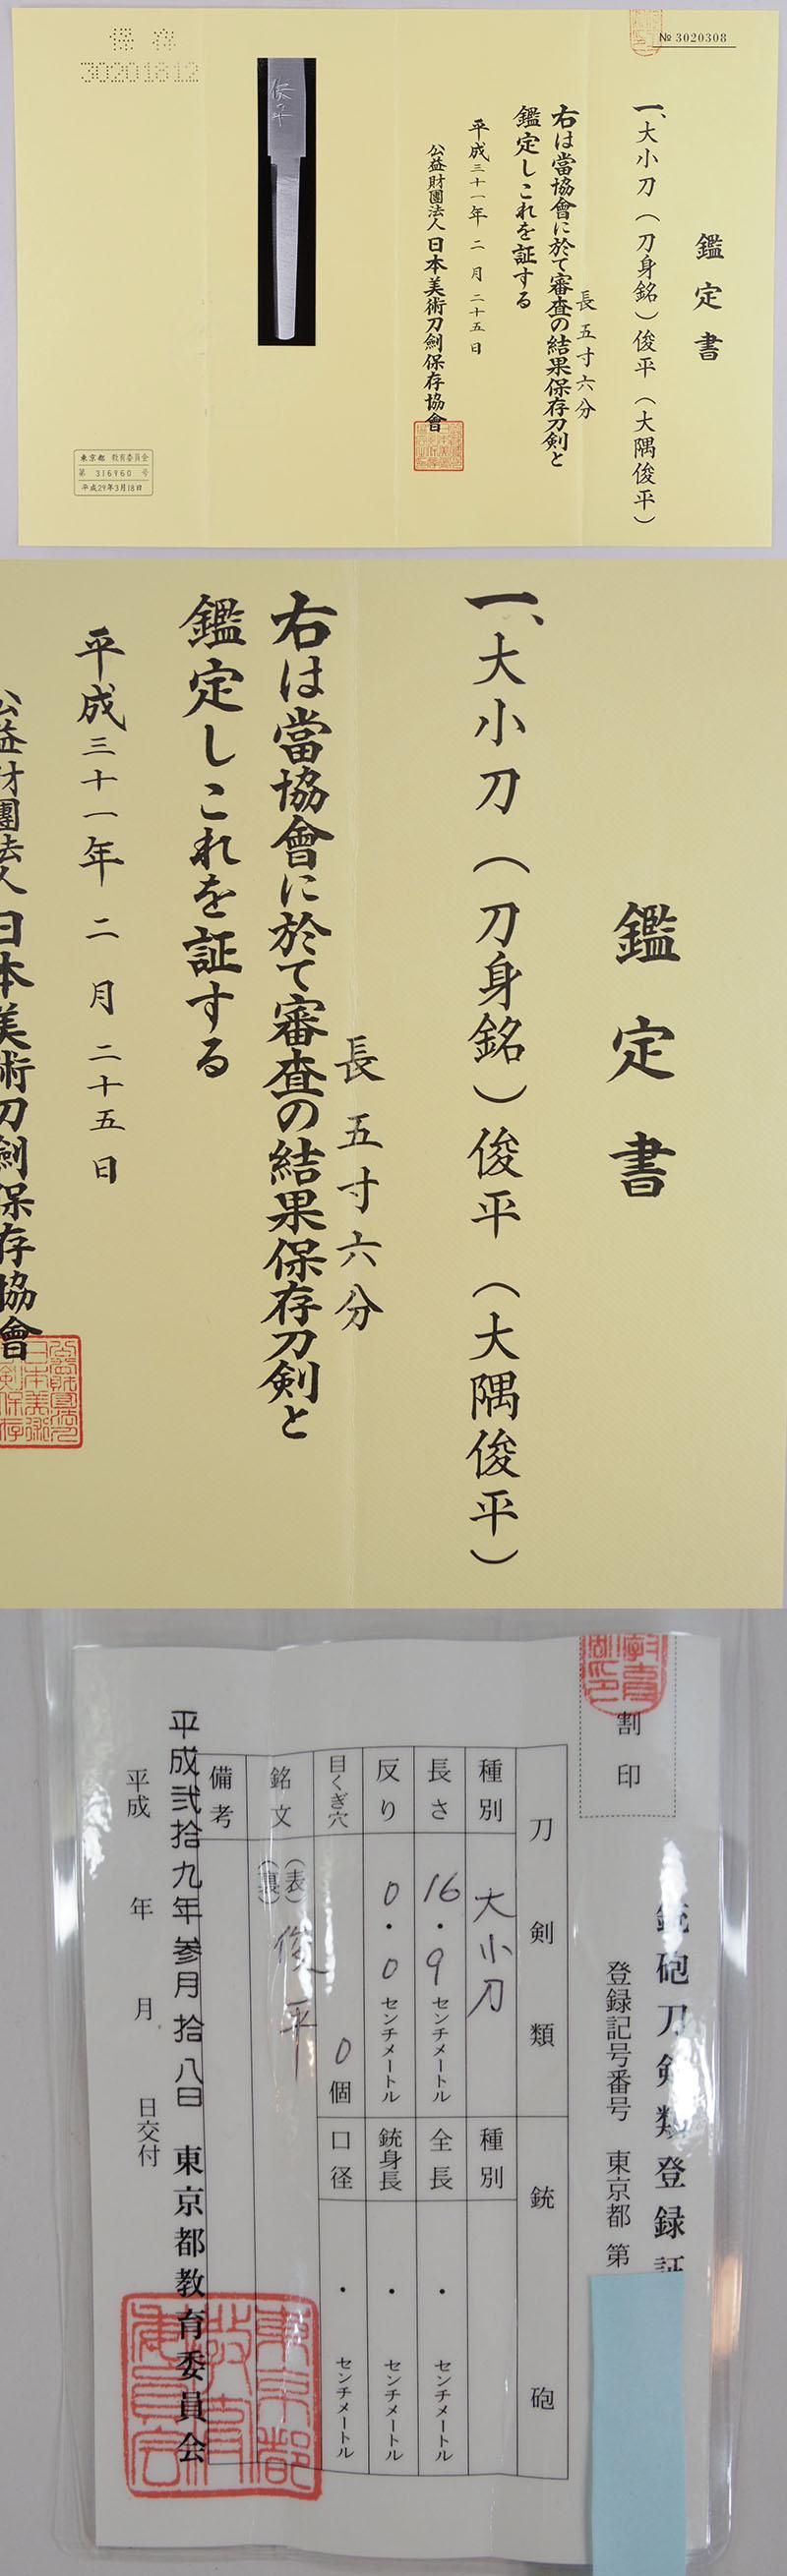 大小刀(刀身銘)俊平(大隅俊平)(人間国宝) Picture of Certificate